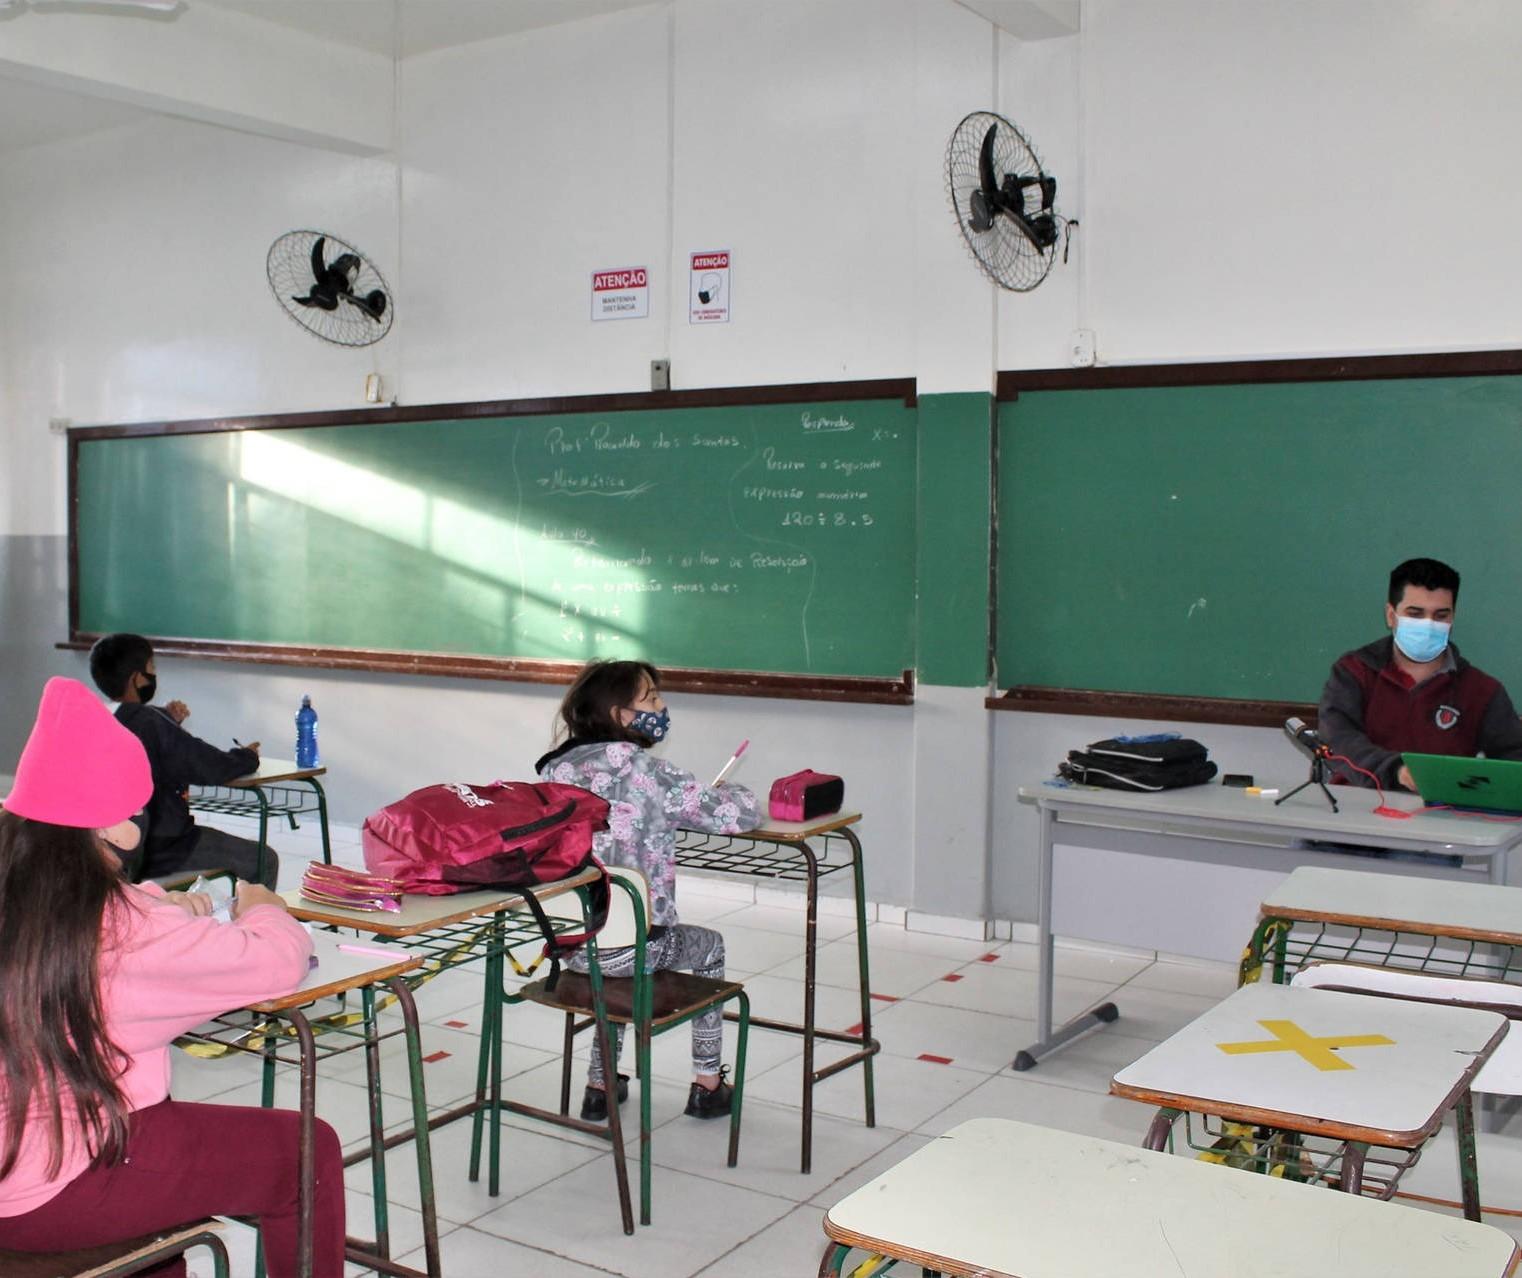 Redução da distância entre alunos aumenta cuidados na escola